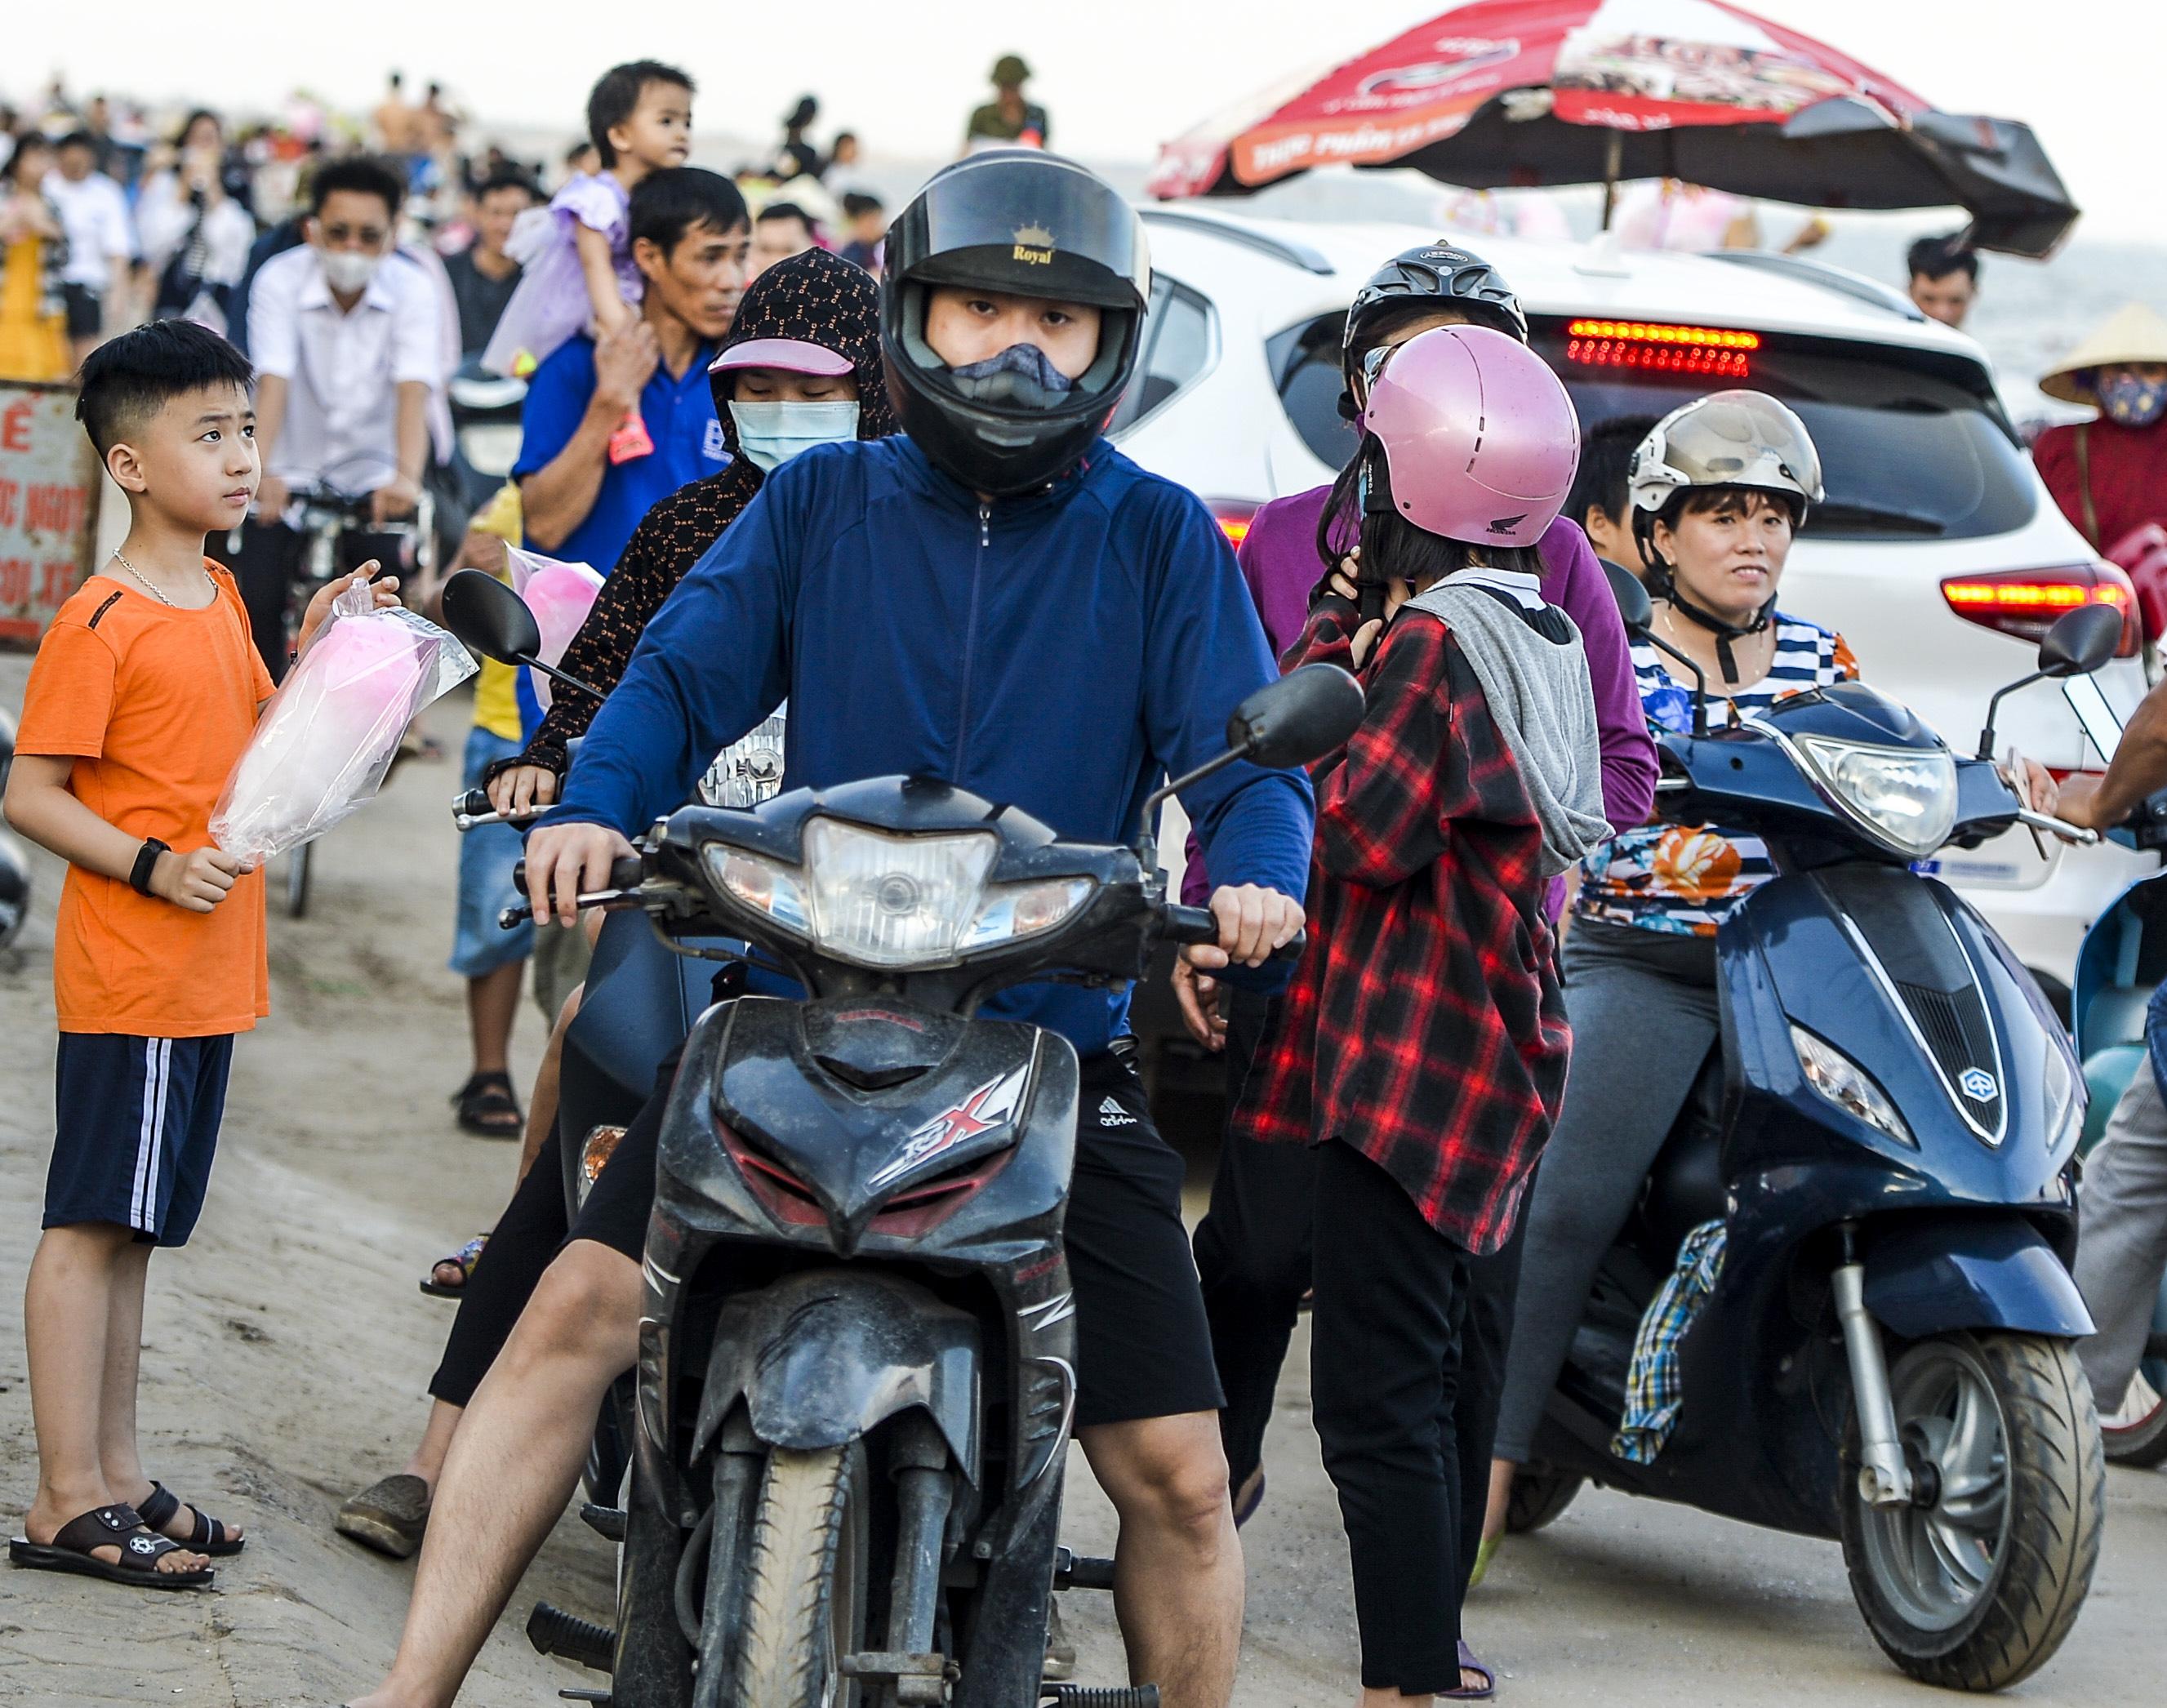 Ngày thứ 3 dịp nghỉ lễ, bãi biển Quất Lâm đông kín người, du khách tắm chung bèo, rác - Ảnh 1.